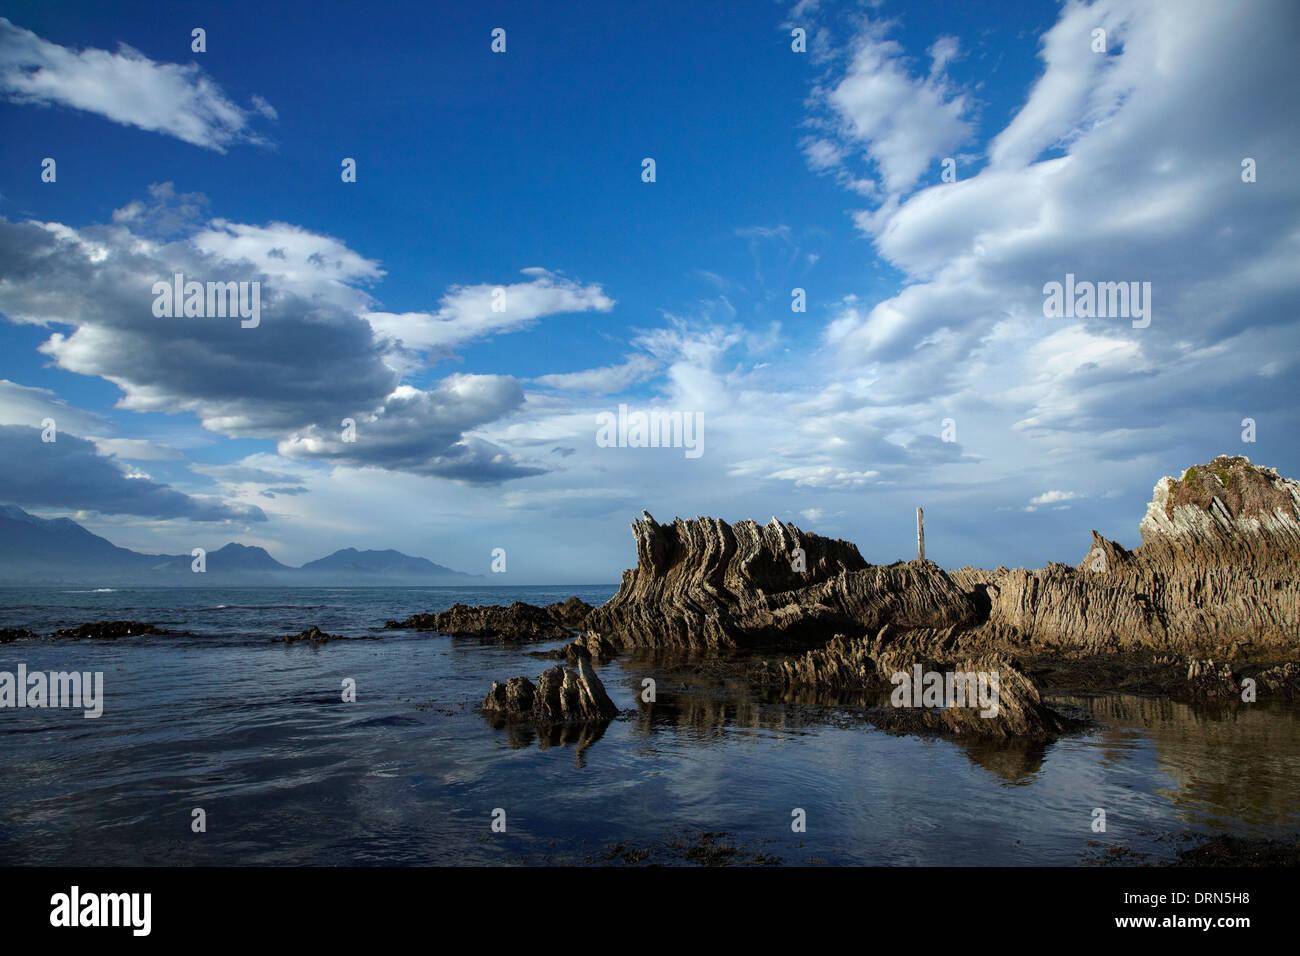 Seaward Kaikoura Ranges et formations rocheuses inhabituelles pliée côtières, Kaikoura, île du Sud, Nouvelle-Zélande Photo Stock